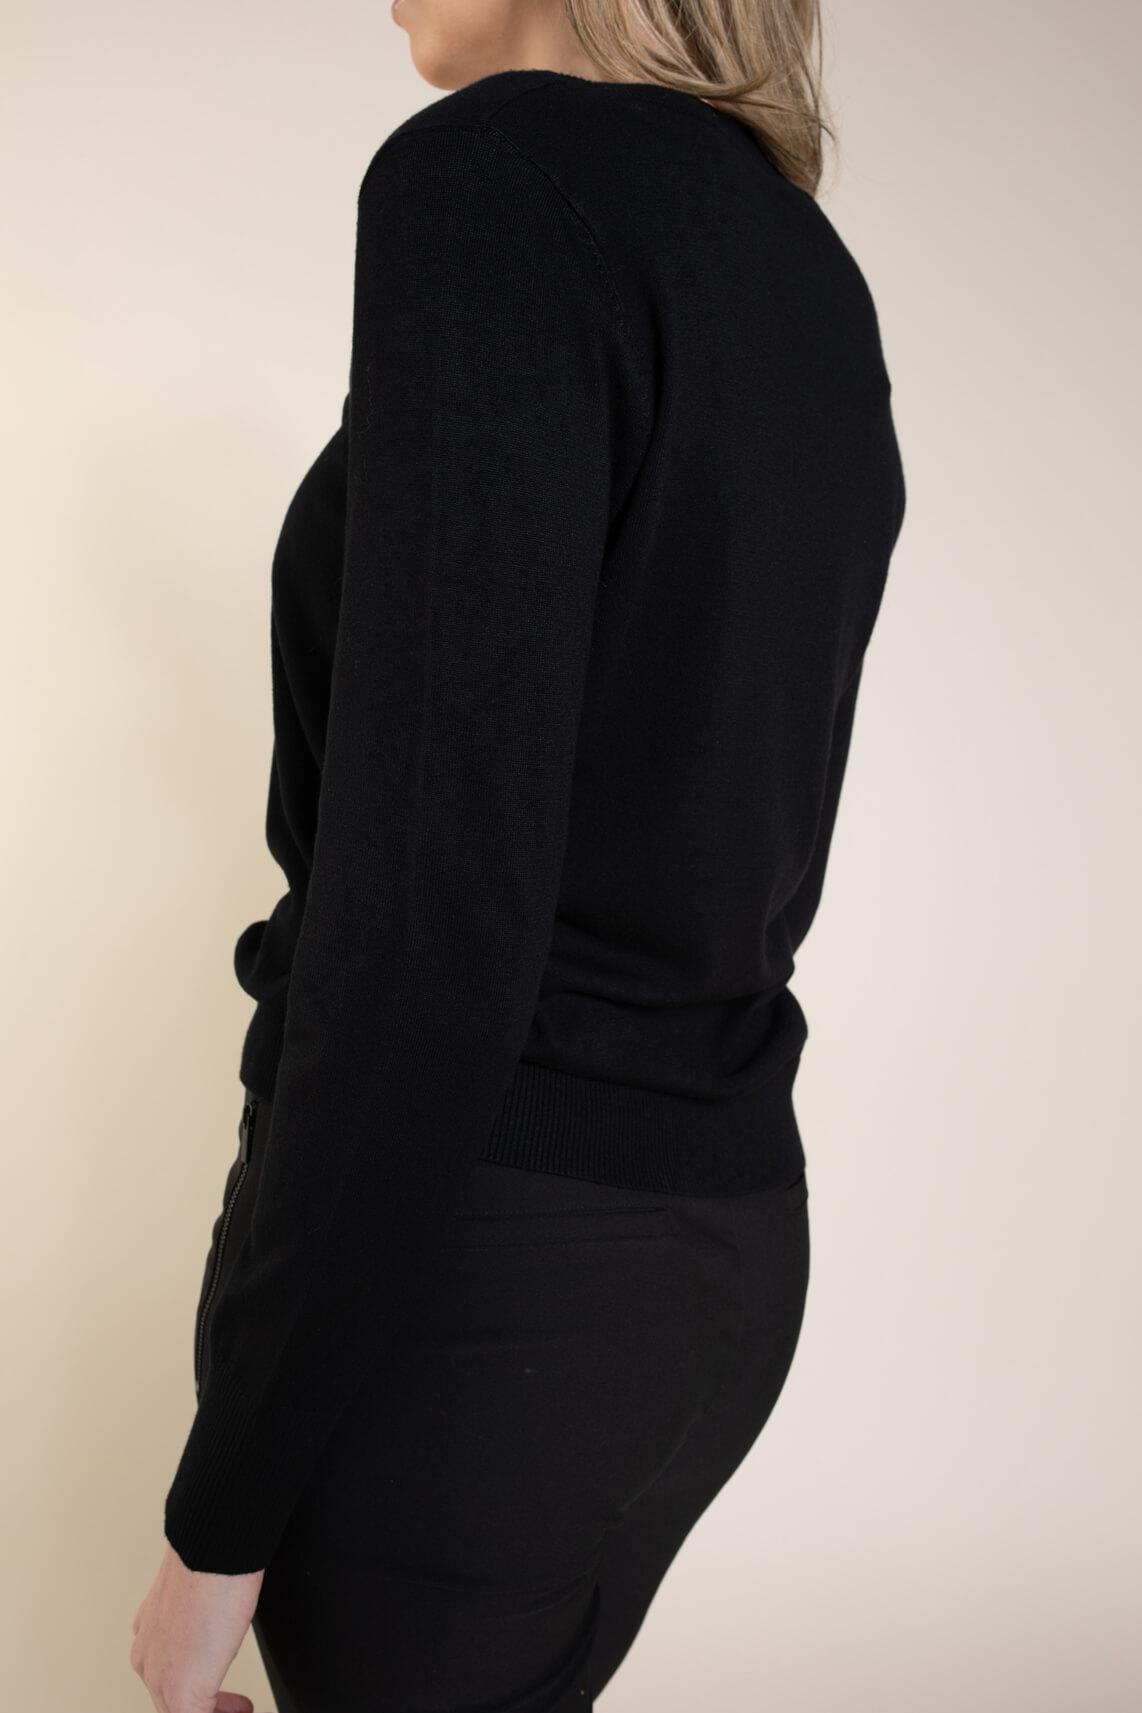 Emotions Dames Shirt met kant zwart